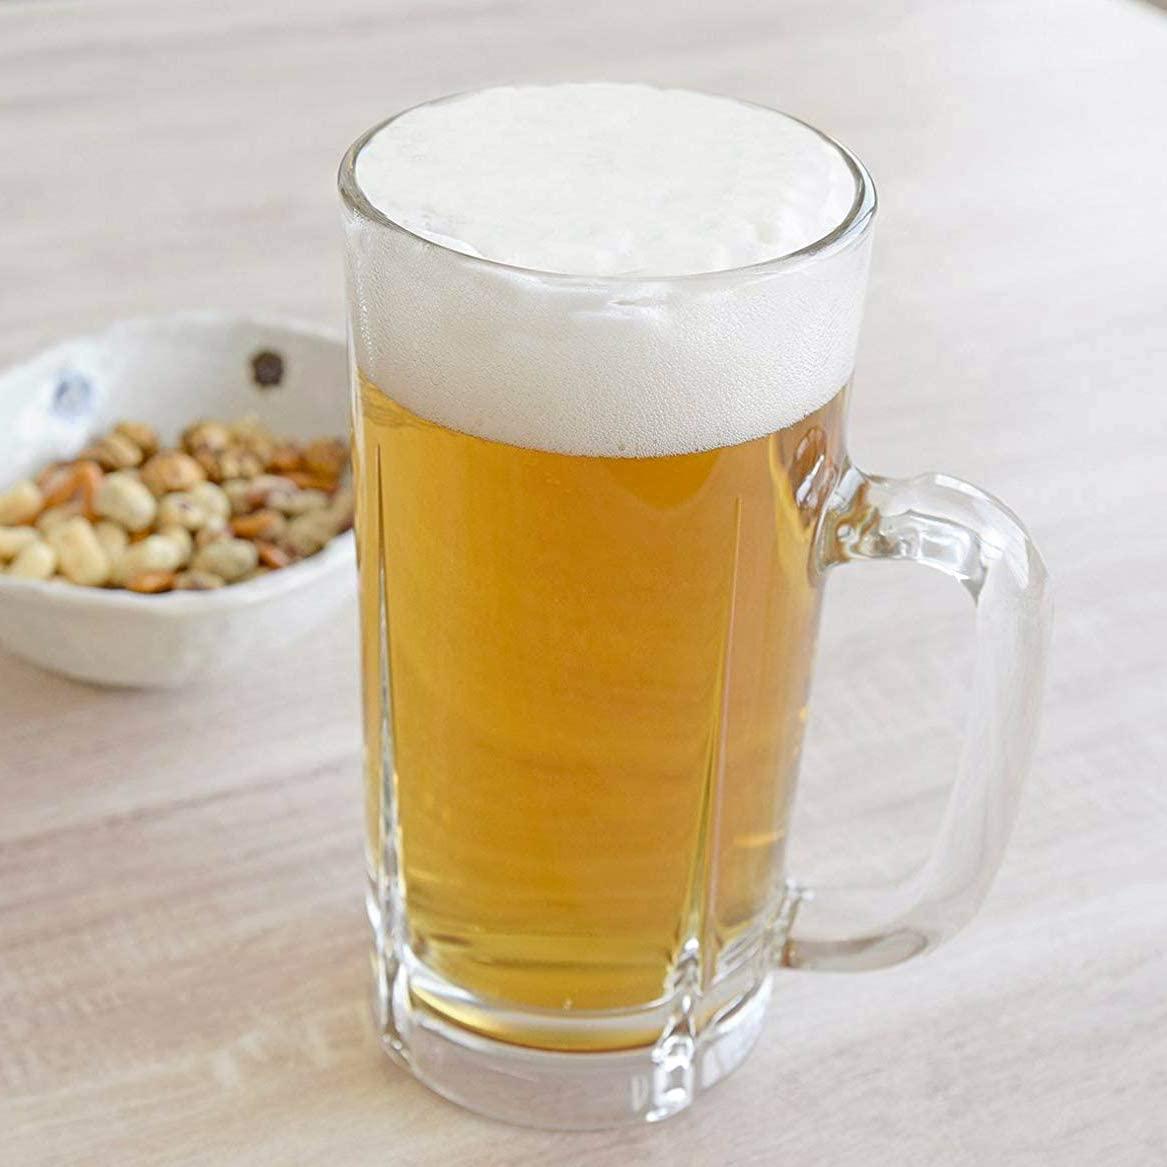 ADERIA(アデリア)ビールジョッキの商品画像5